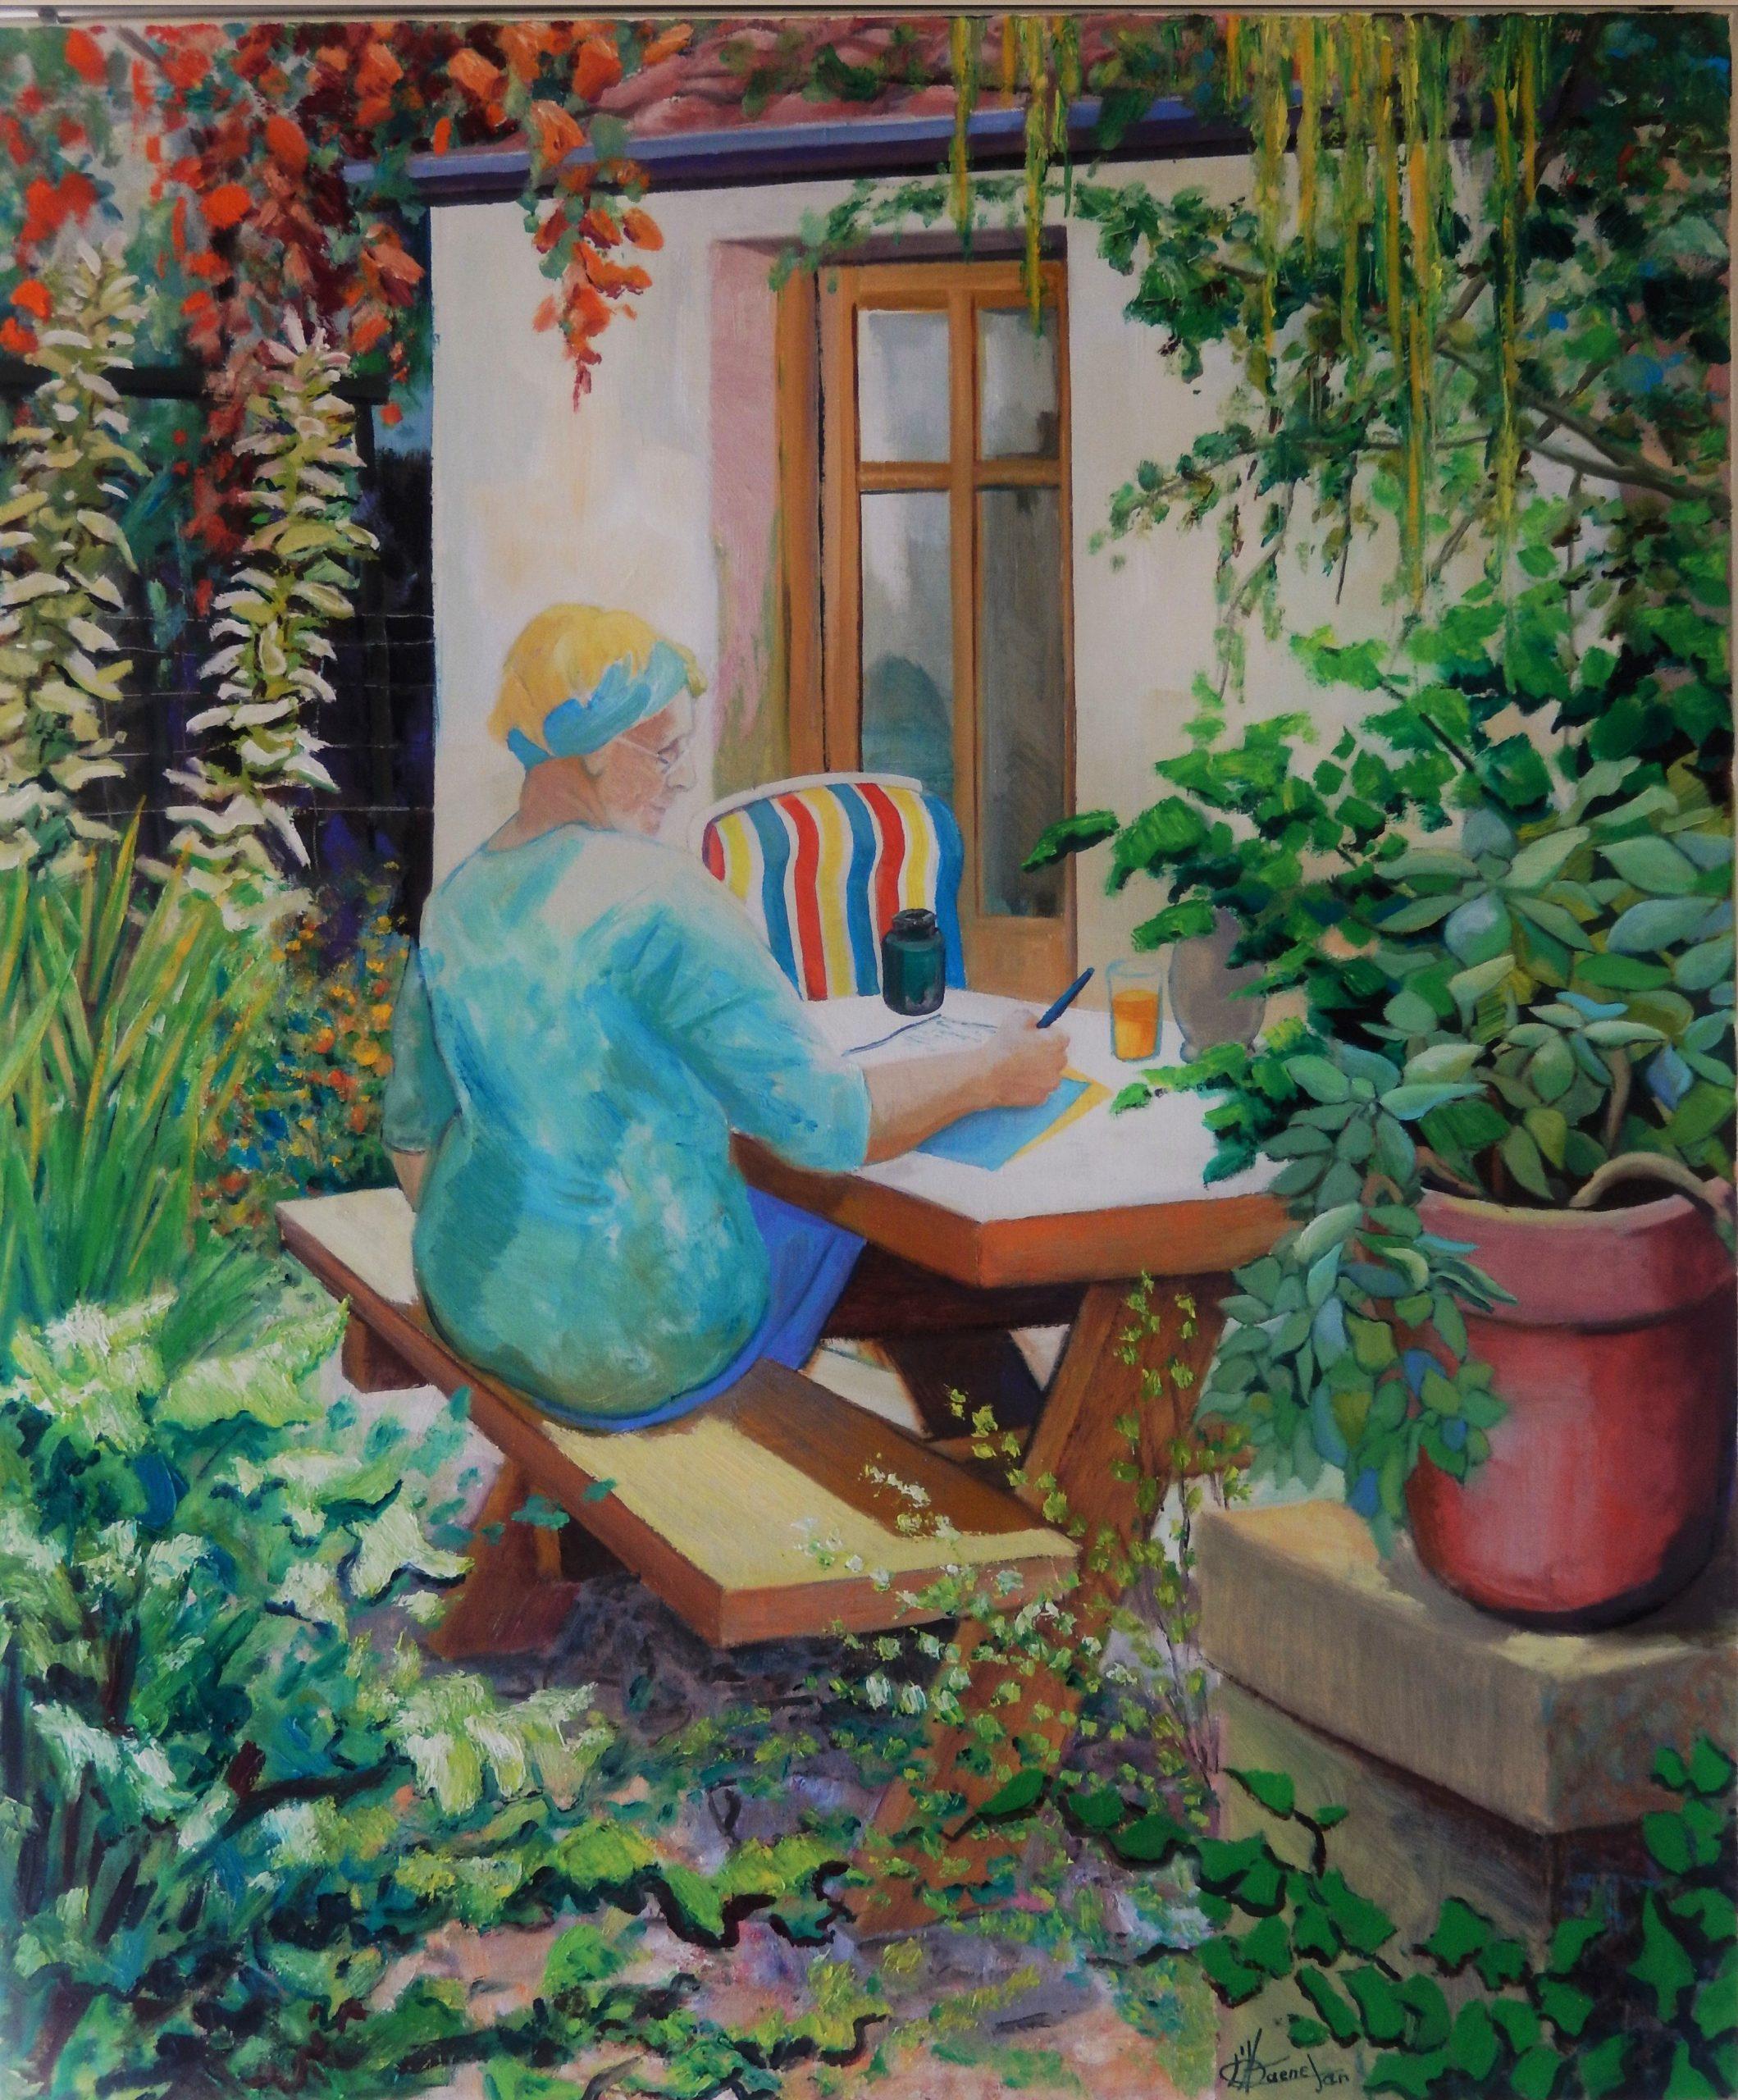 772 Elly in de tuin (st Gauzens)